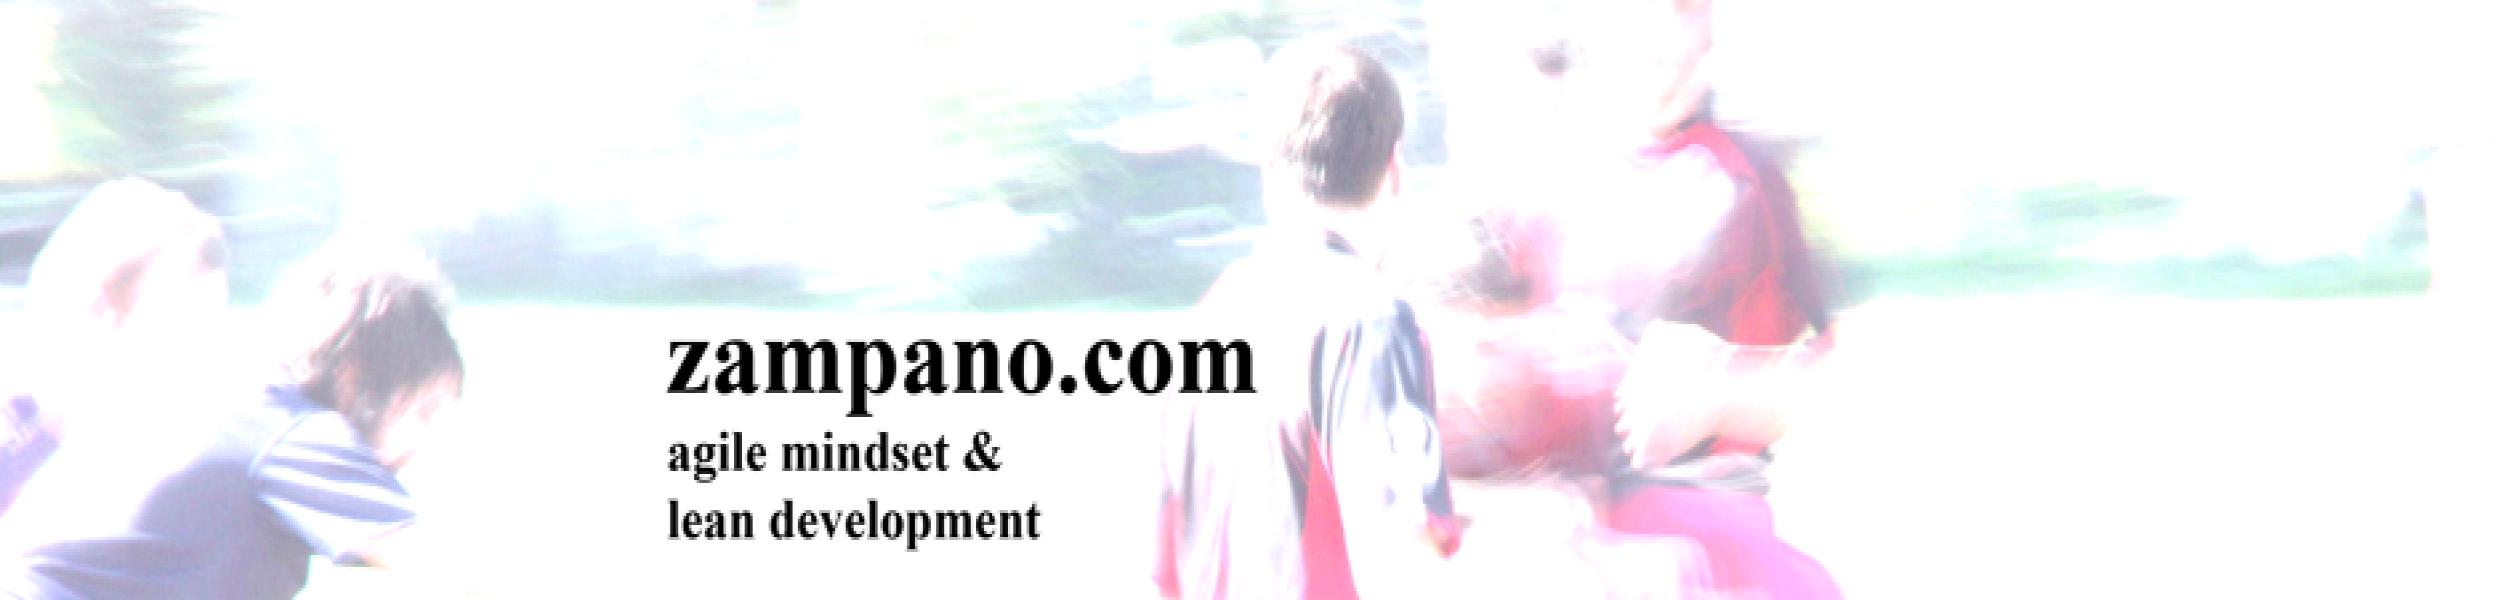 zampano.com